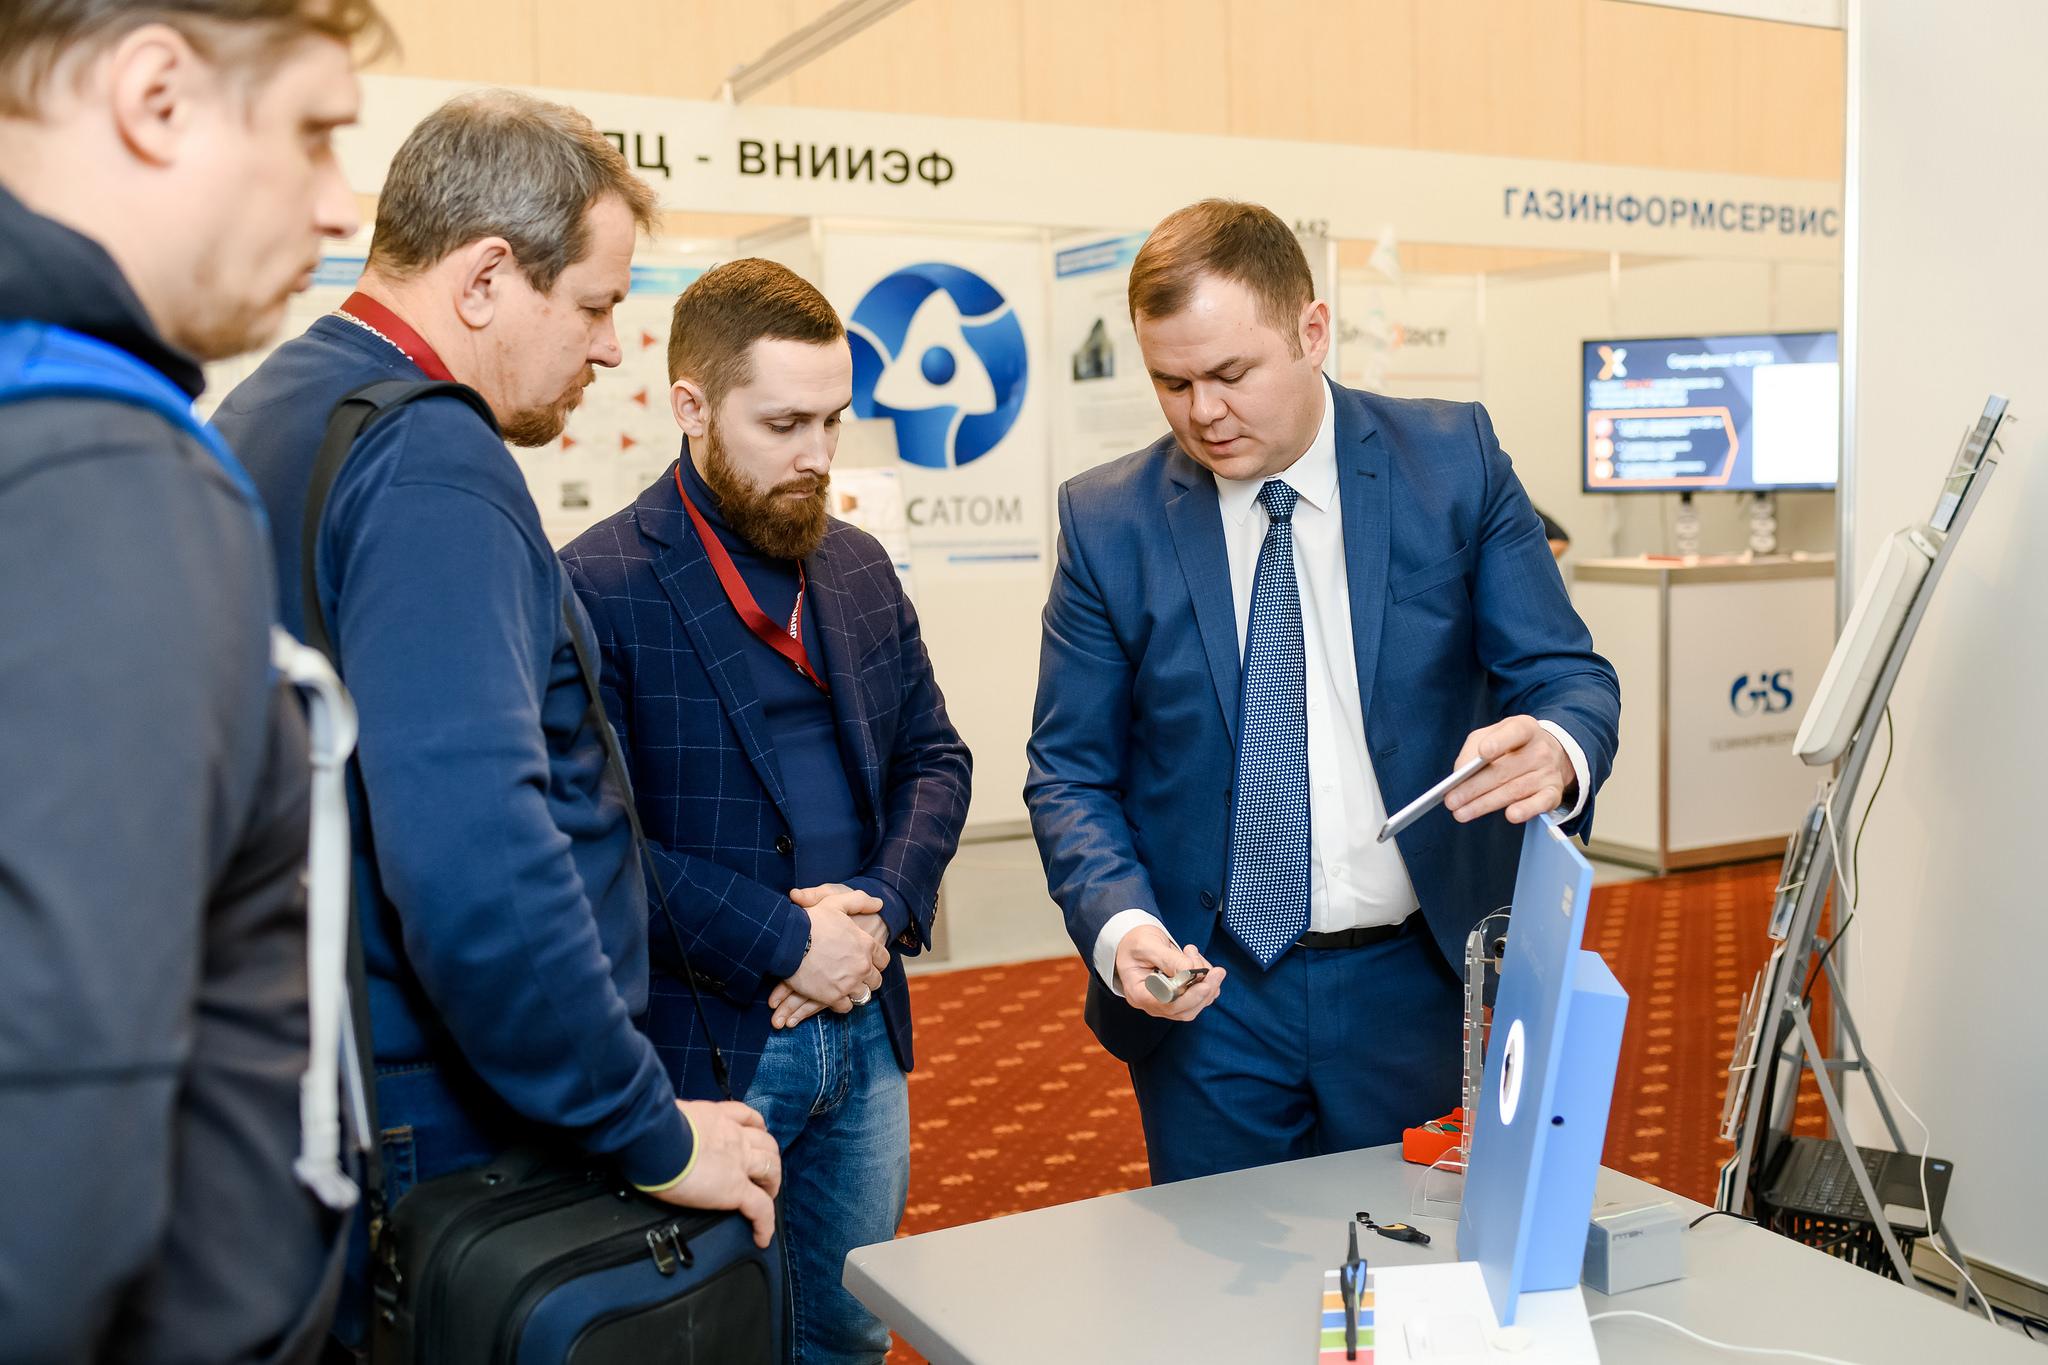 На Юбилейном ТБ Форуме эксперты обсудят практику внедрения информационных технологий в сфере транспорта, телеком и энергетики